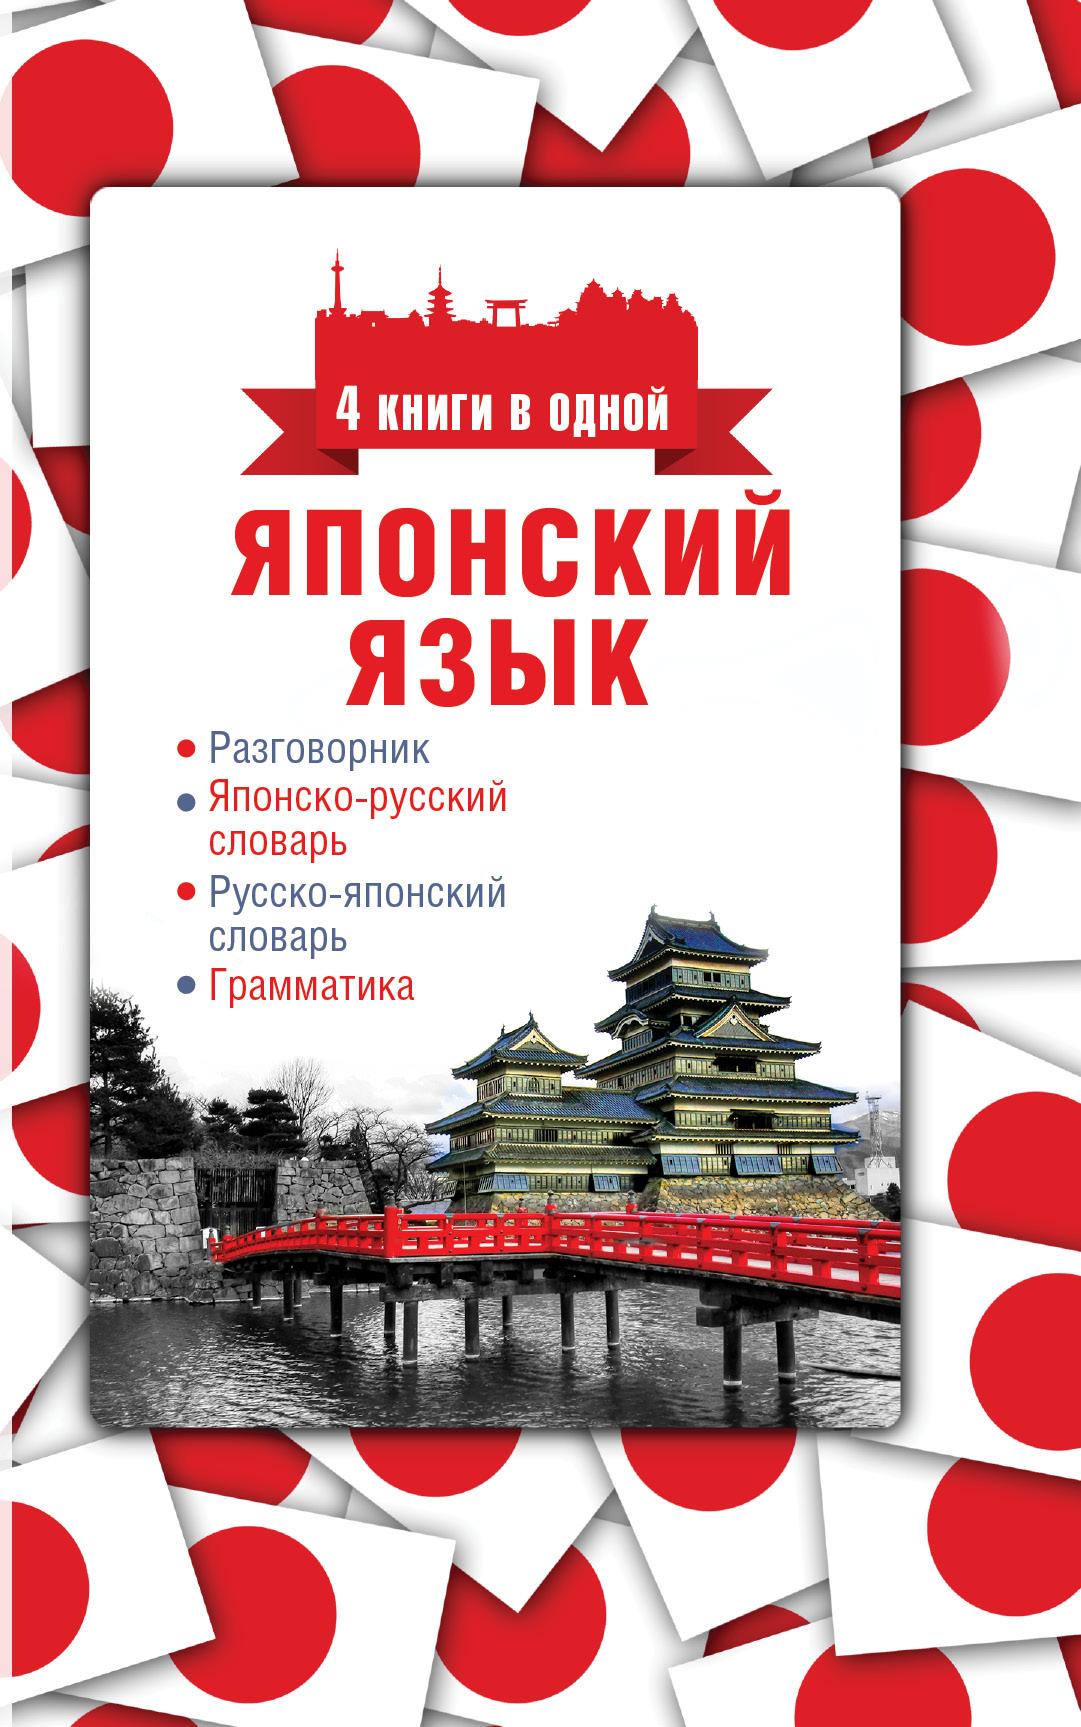 Японский язык. 4 книги в одной: разговорник, японско-русский словарь, русско-японский словарь, грамматика